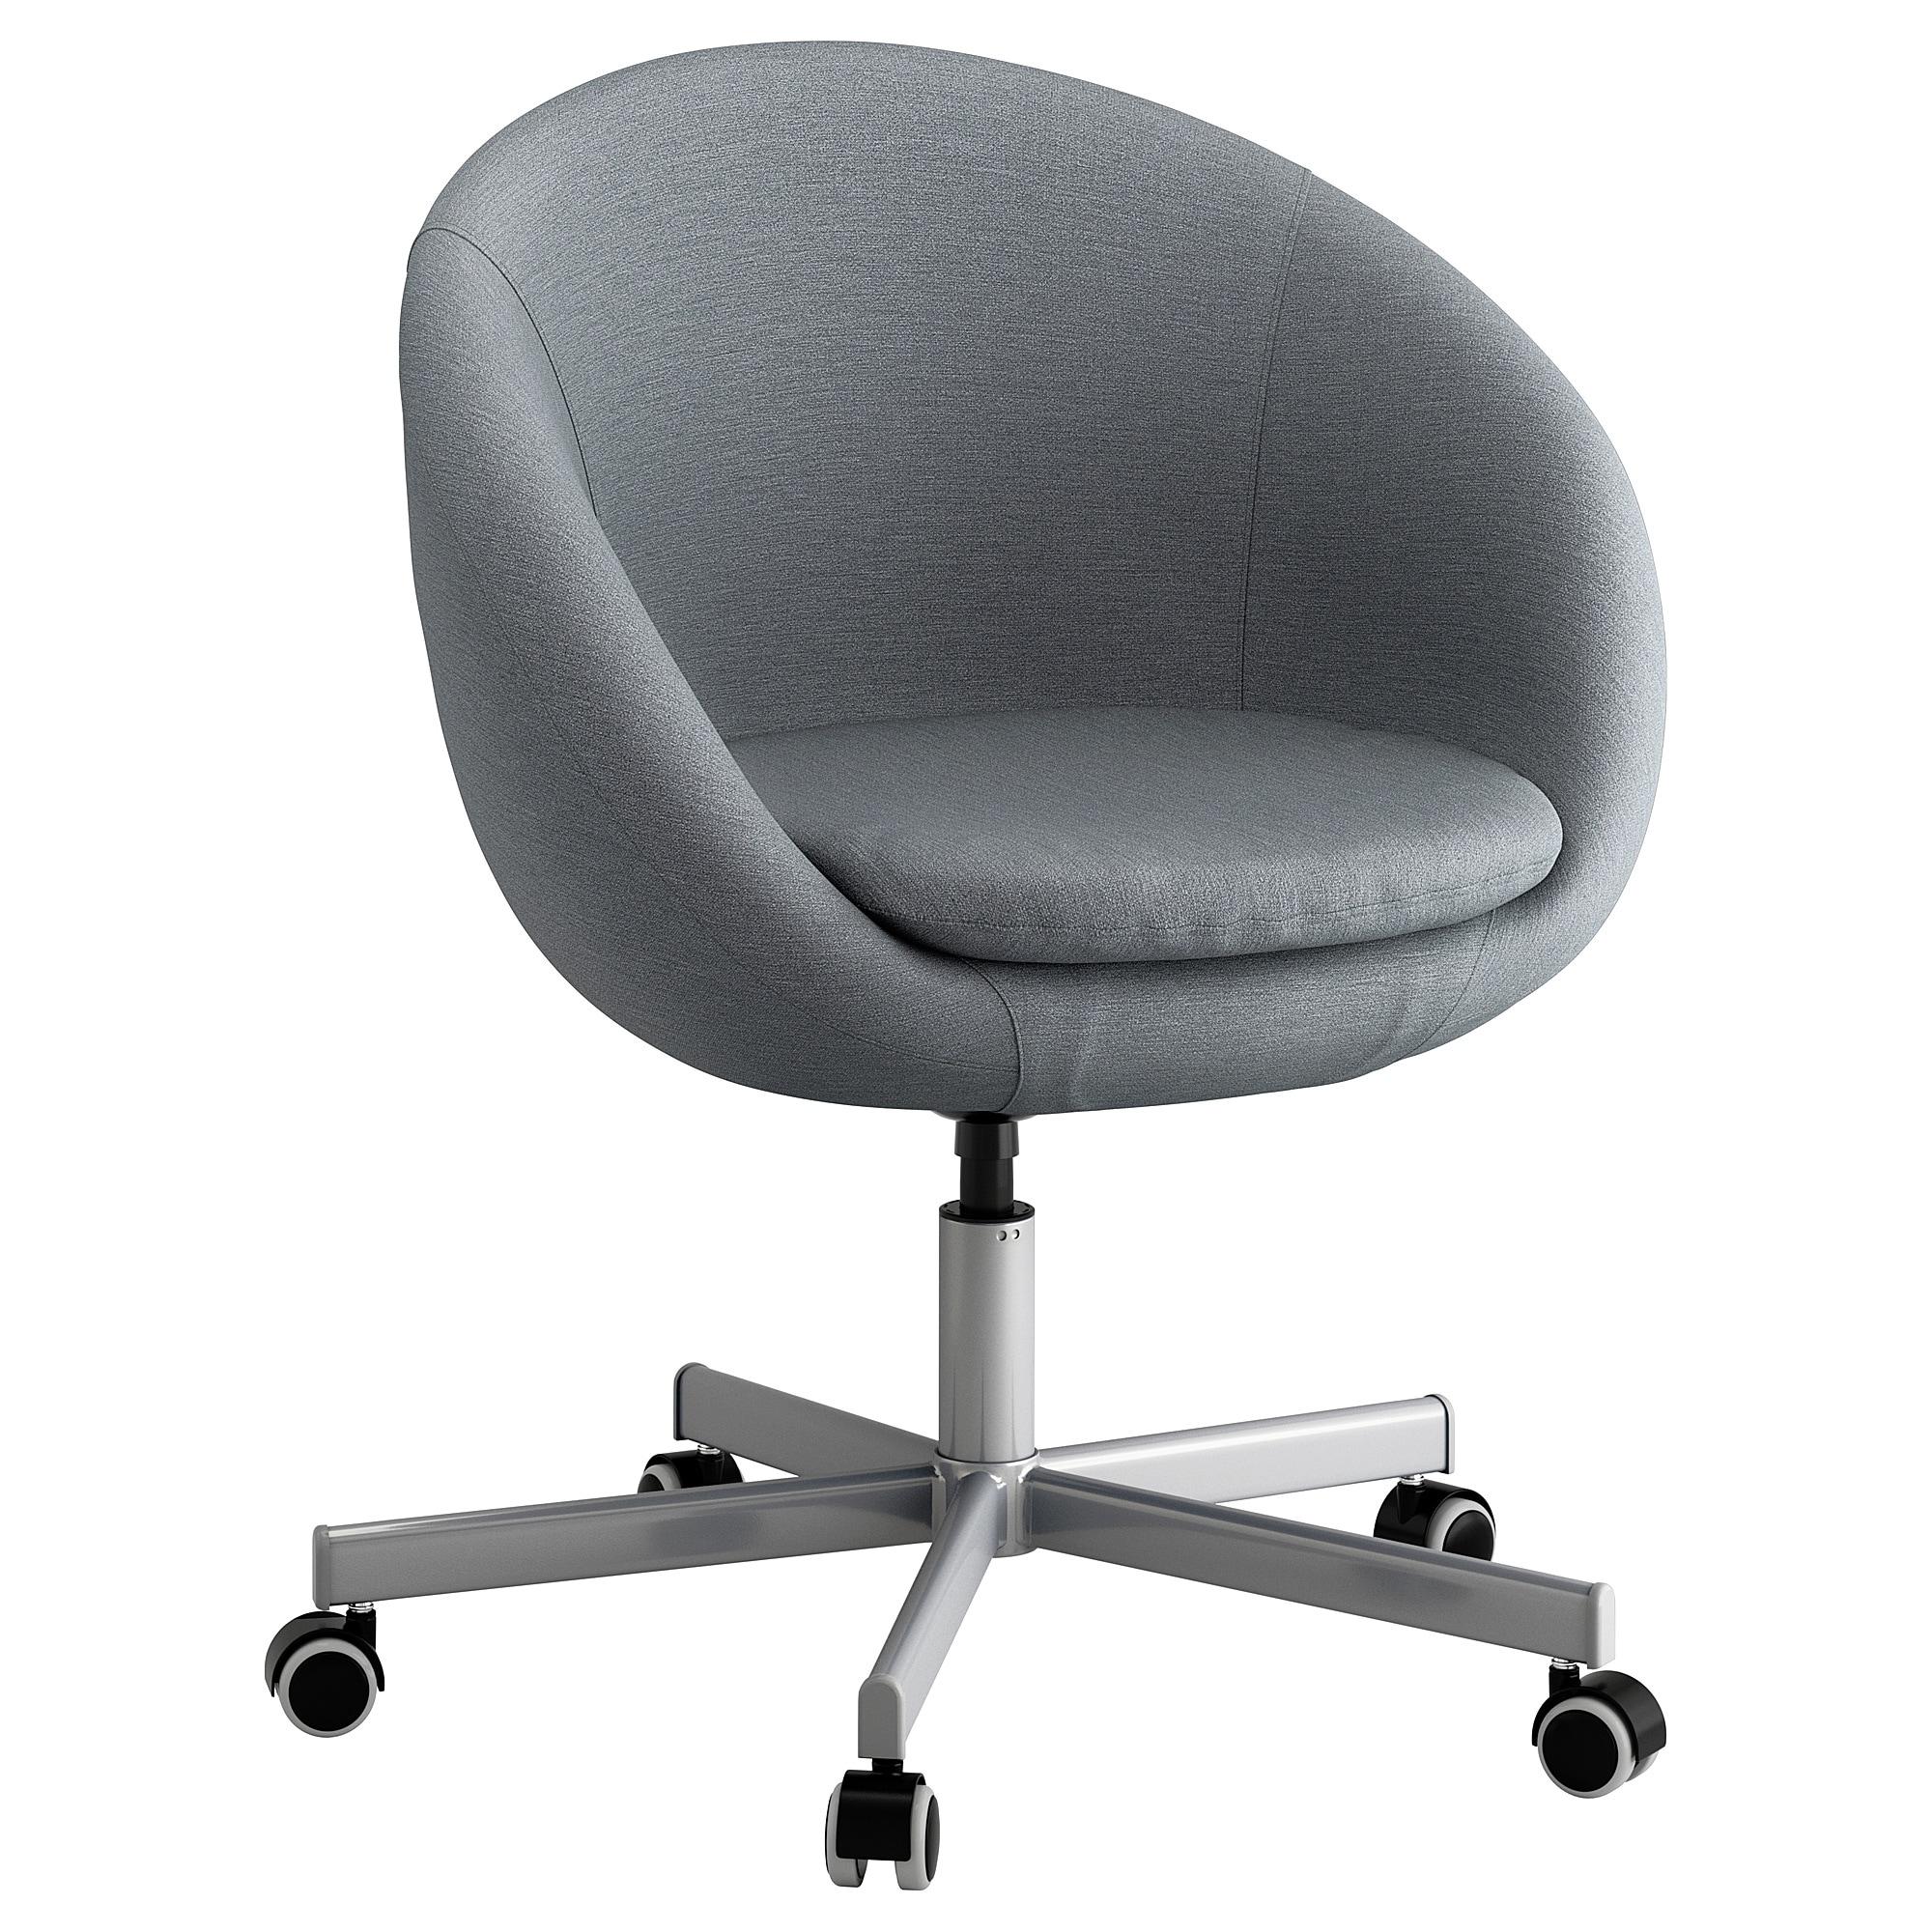 Ikea Sillas De Escritorio S5d8 Repuestos Para Sillas De Oficina ...